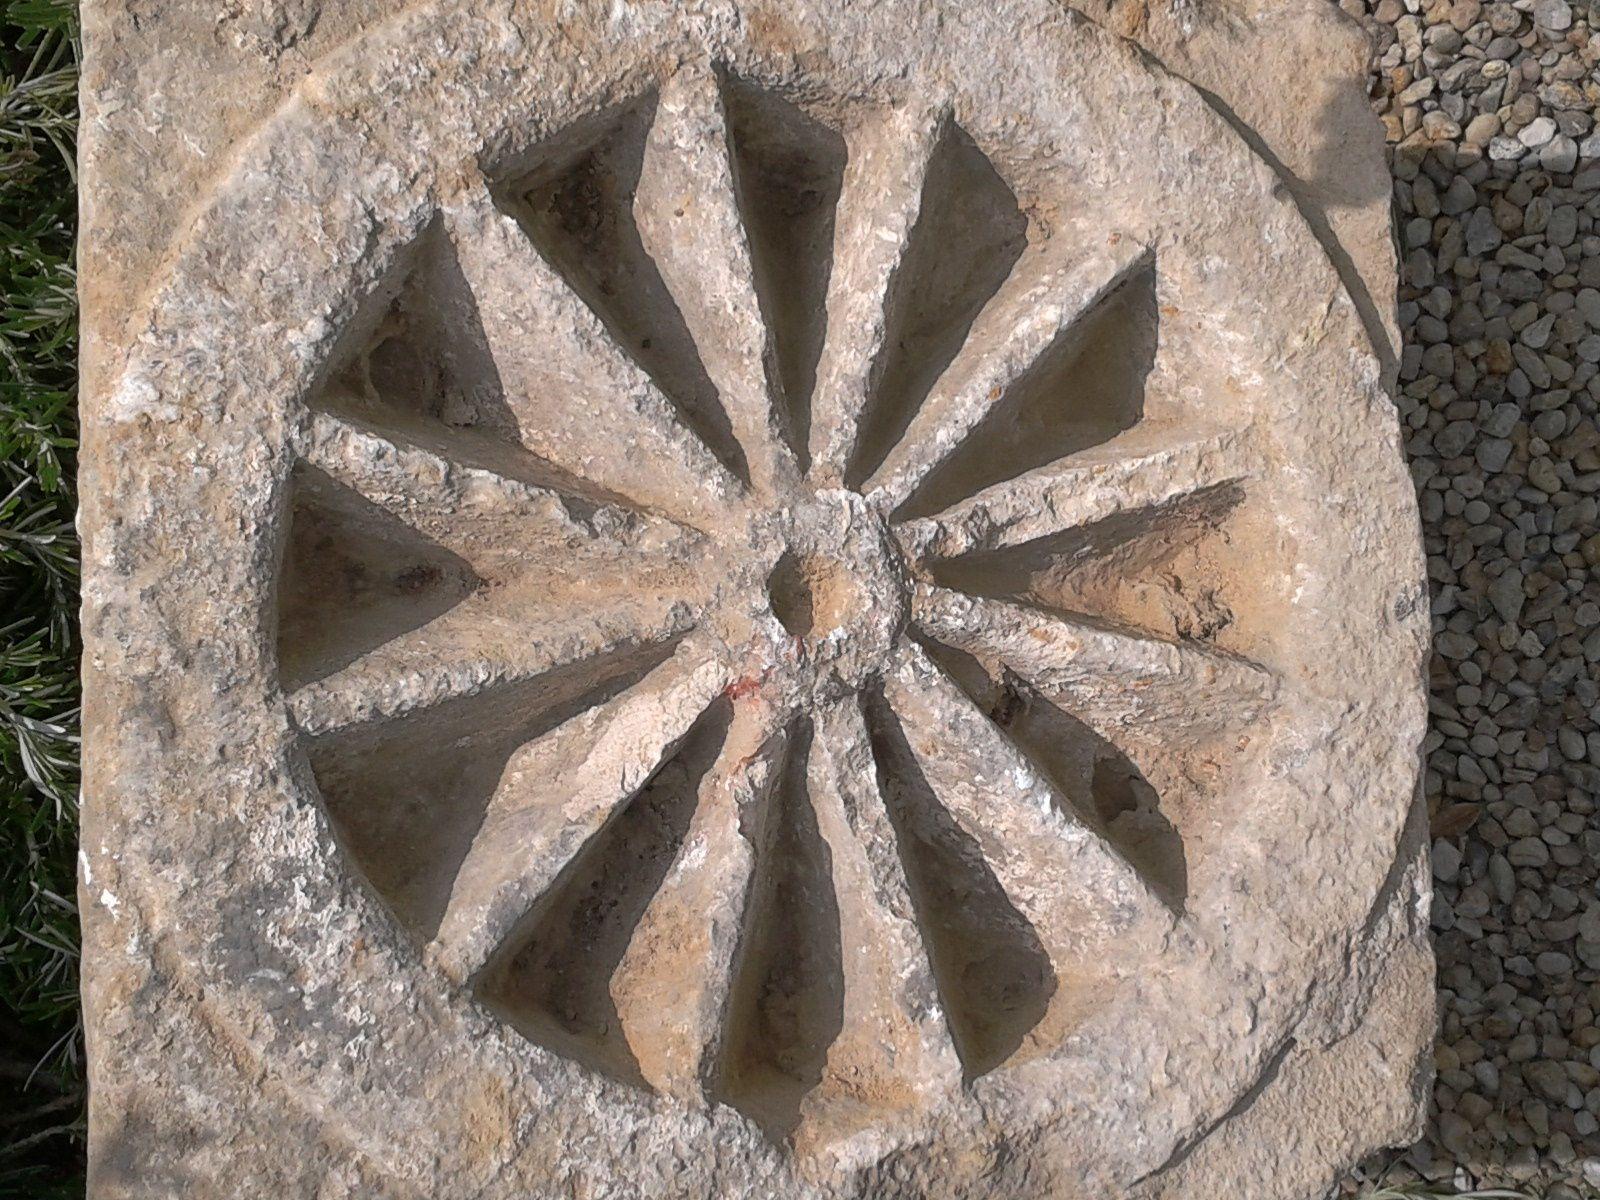 Que sont devenues ces pierres intéressantes ?